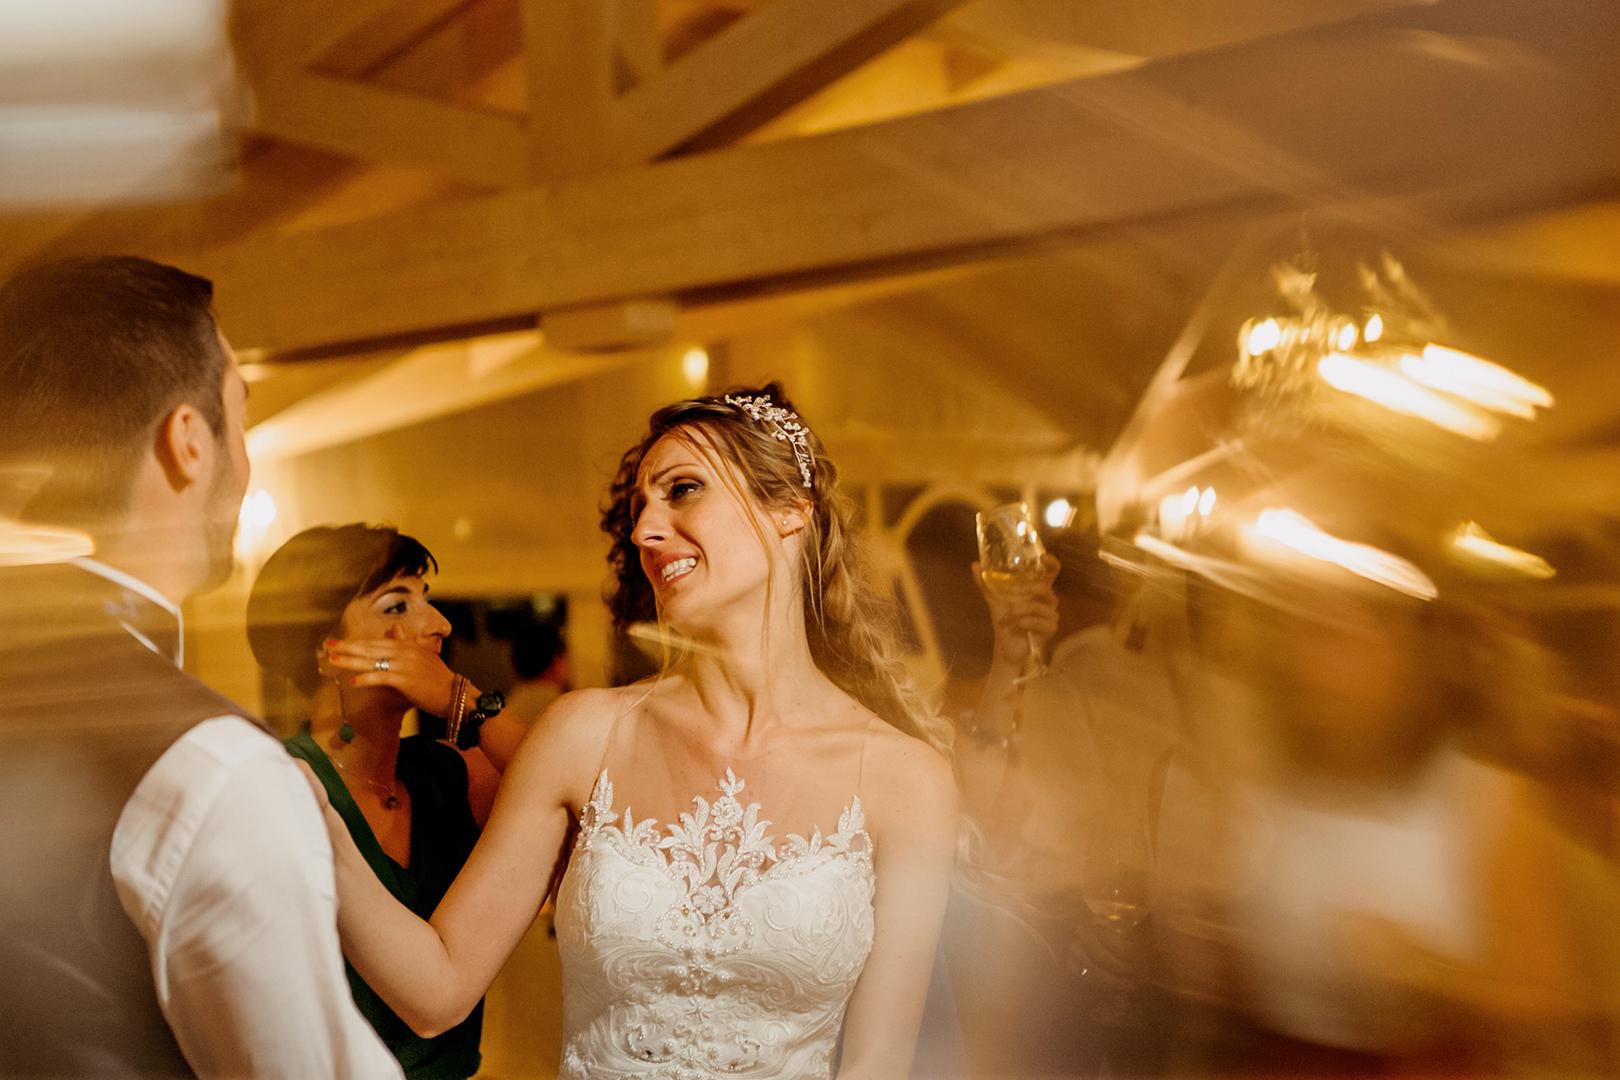 57 gianni-lepore-fotografo-matrimonio-ballo-sposi-invitati-sala